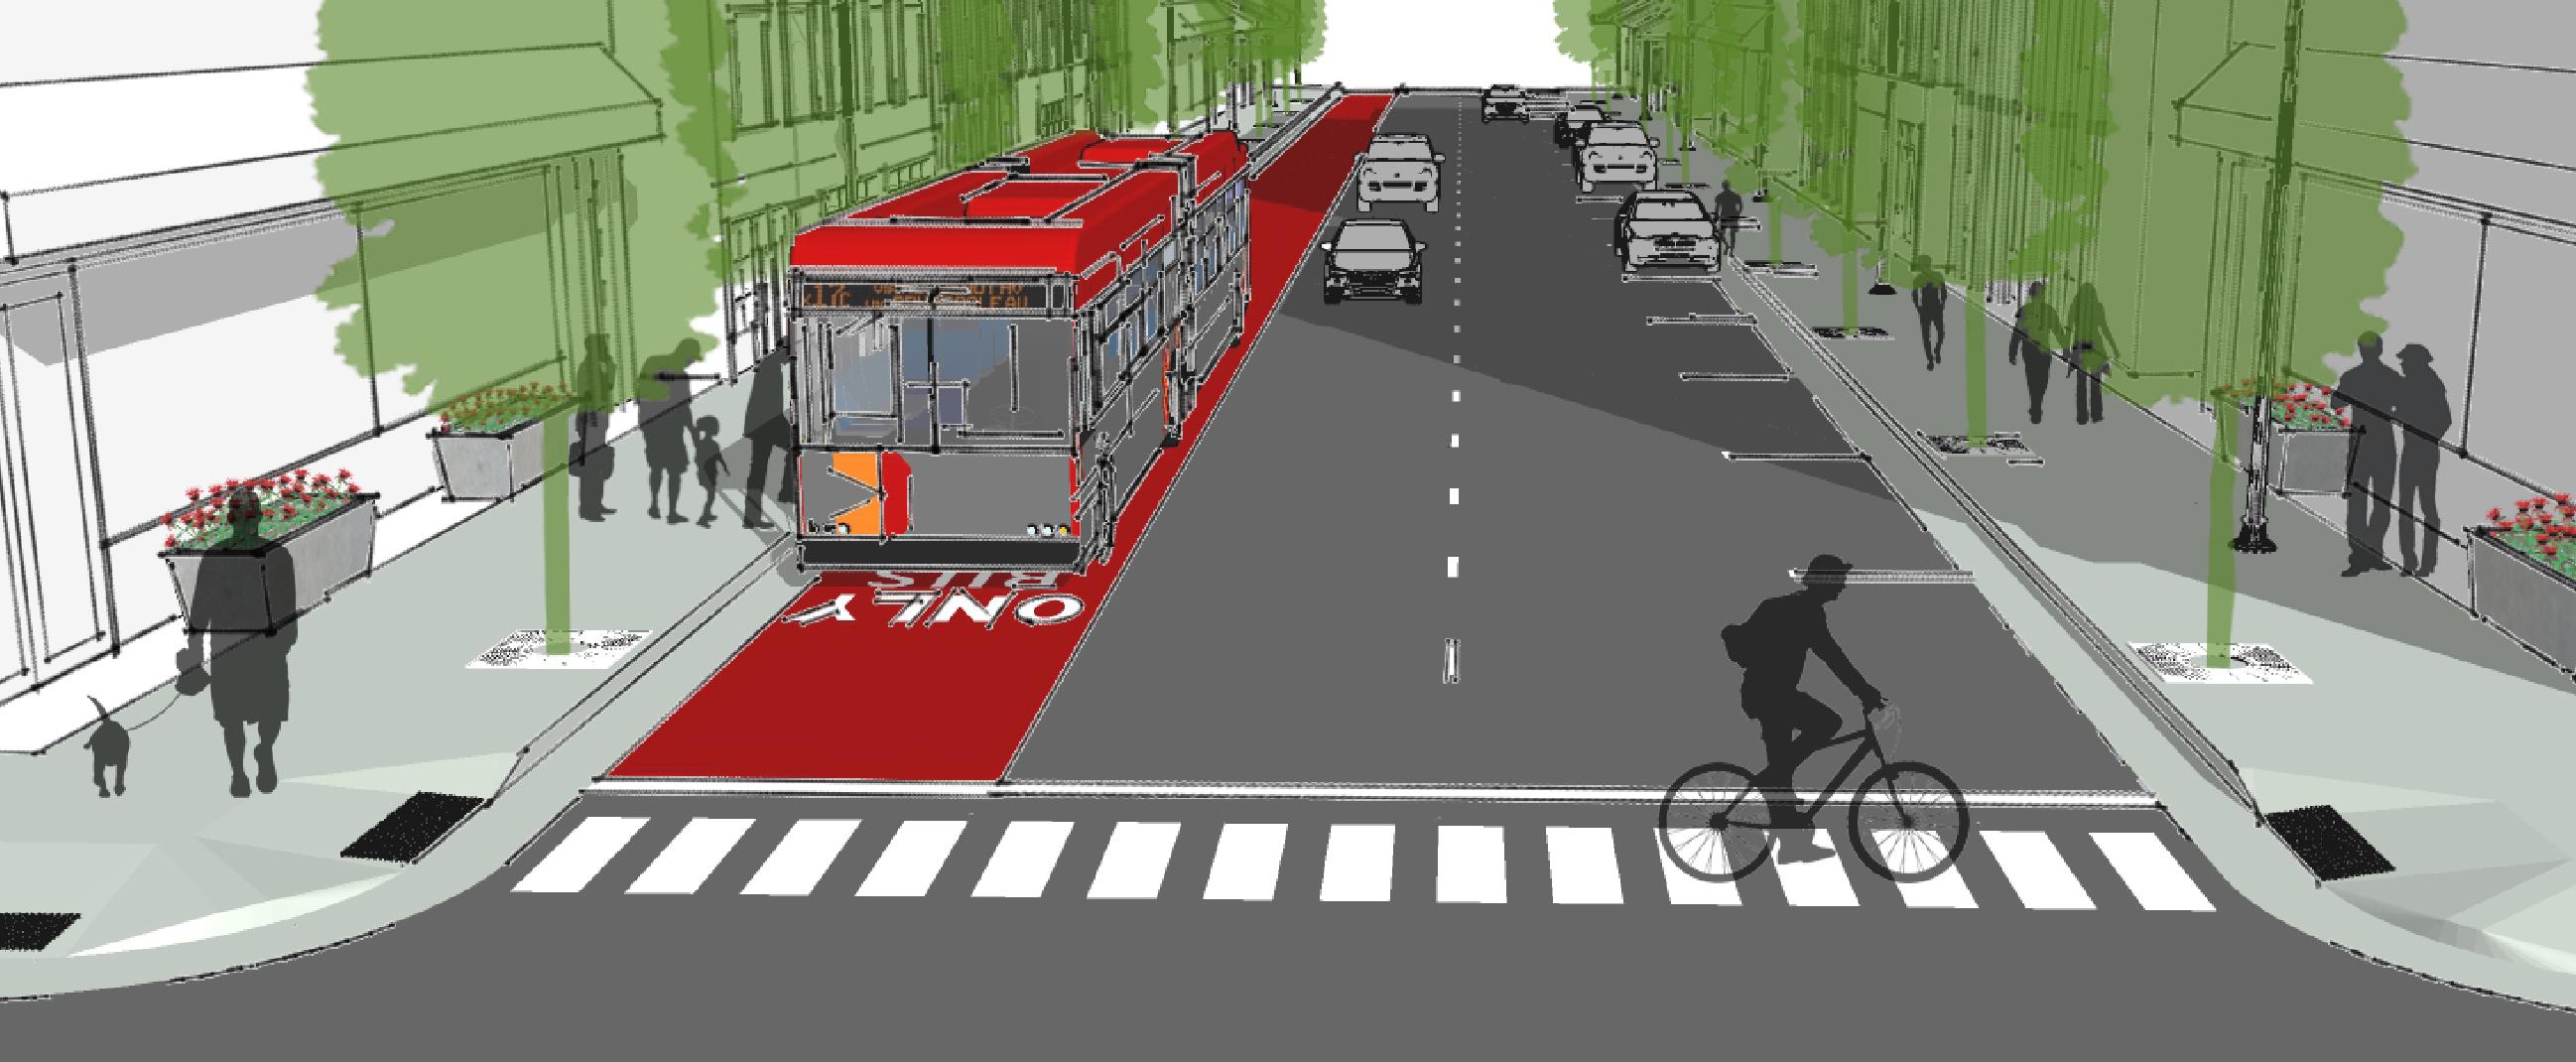 BRT rendering